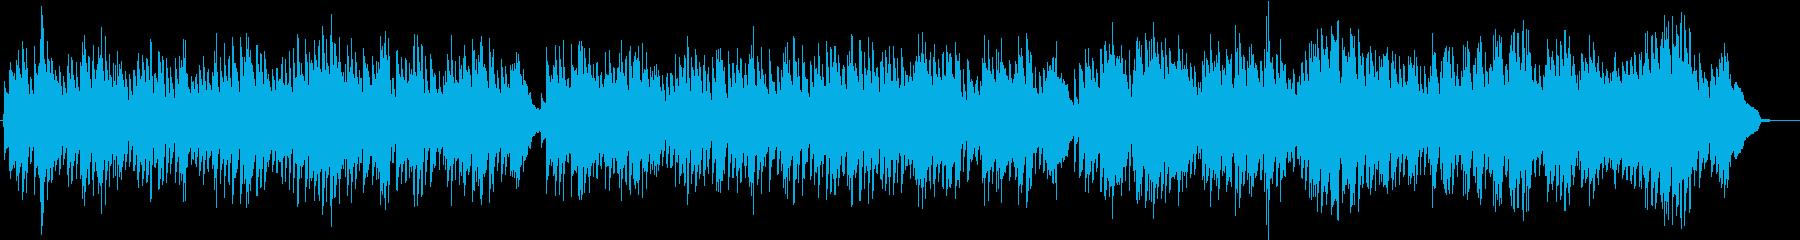 バッハが作るフランス風組曲。の再生済みの波形